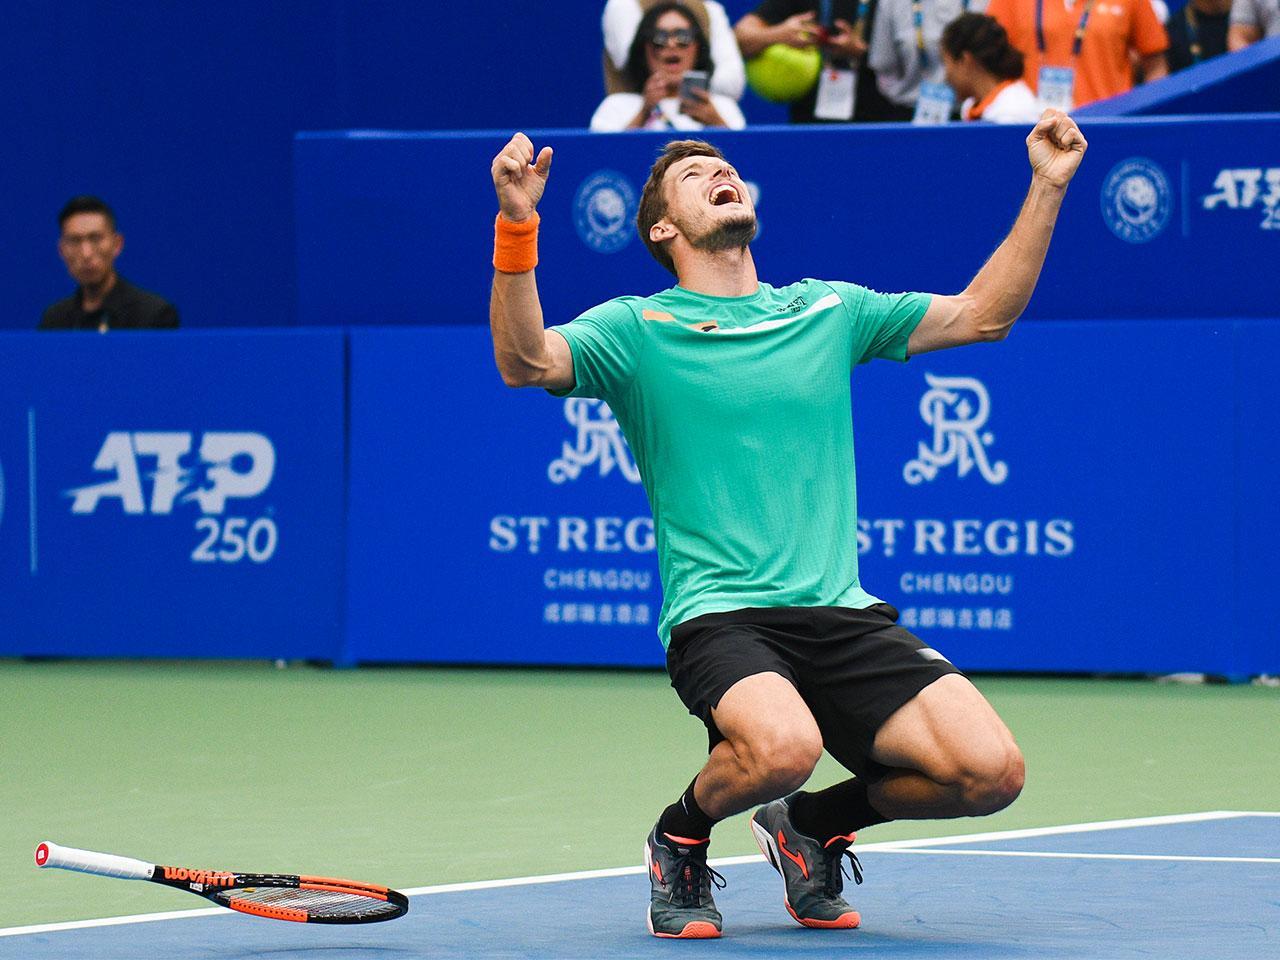 カレーニョ ブスタがおよそ2年ぶりの優勝 [成都オープン] | テニス ...